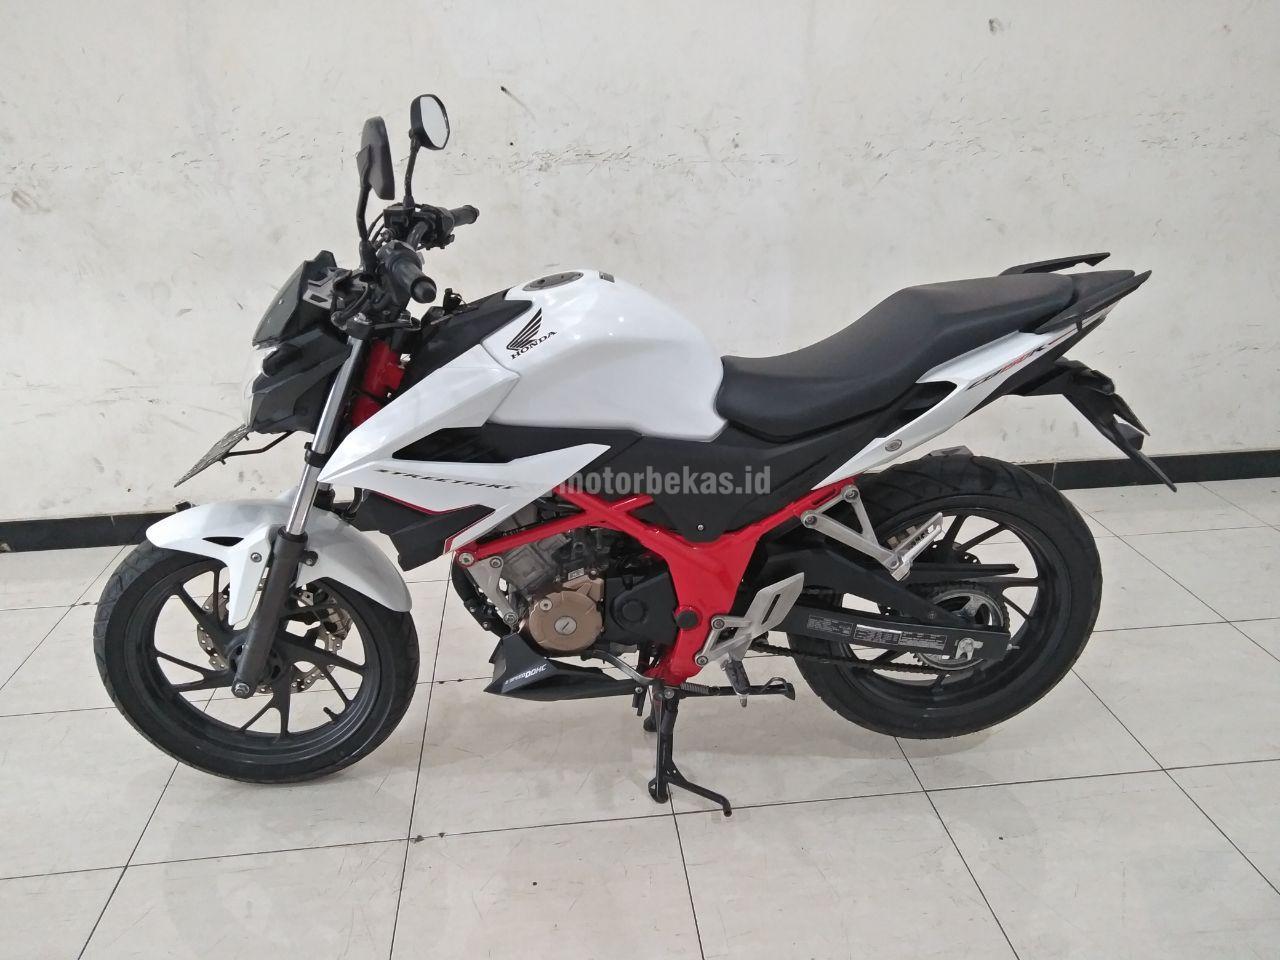 HONDA CB 150 R  3394 motorbekas.id